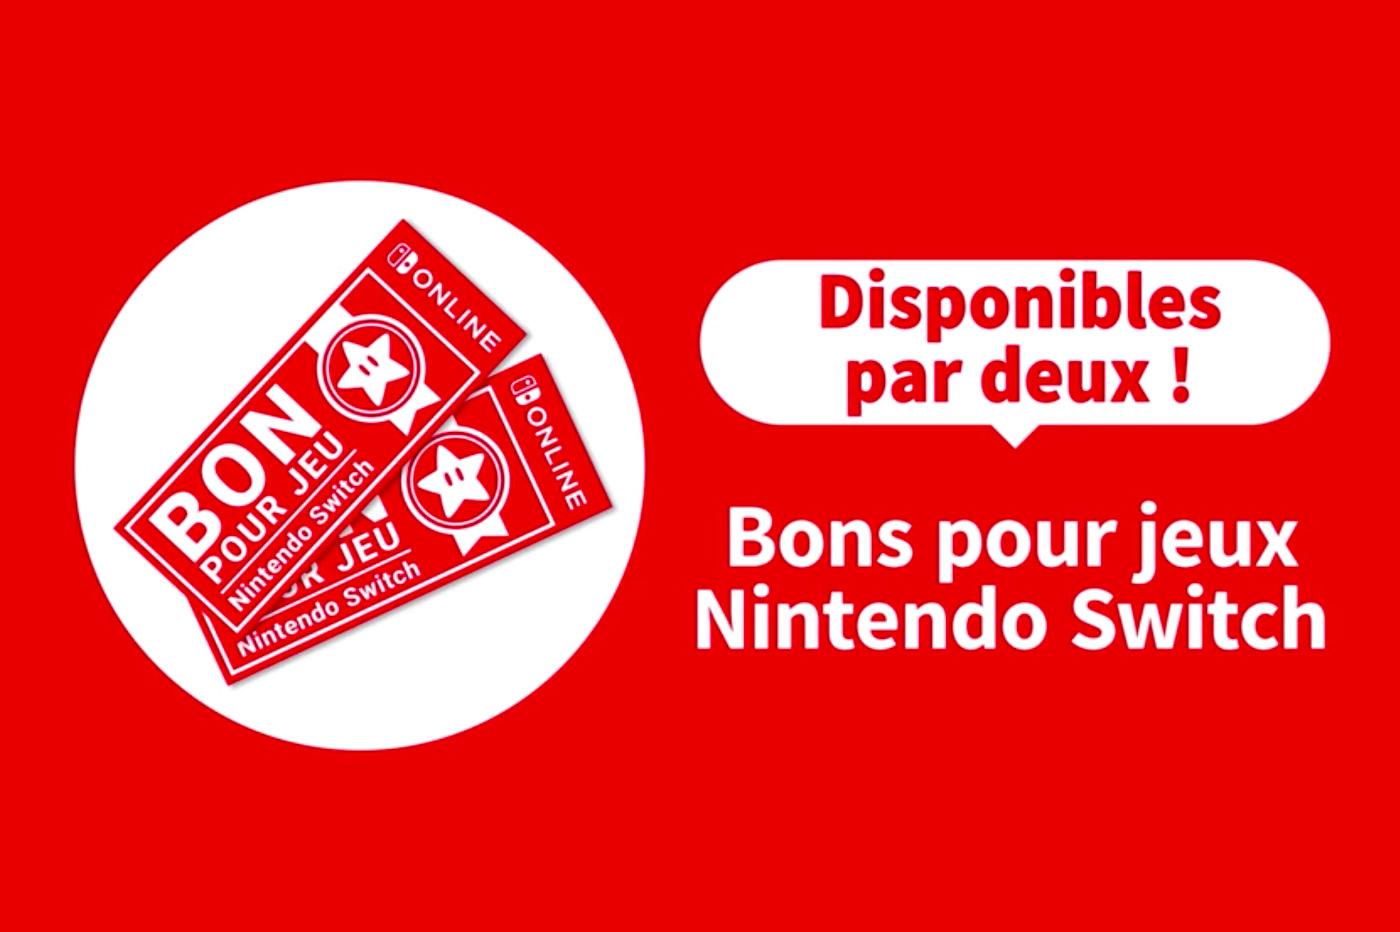 Qu'est-ce que les bons Nintendo Switch ?